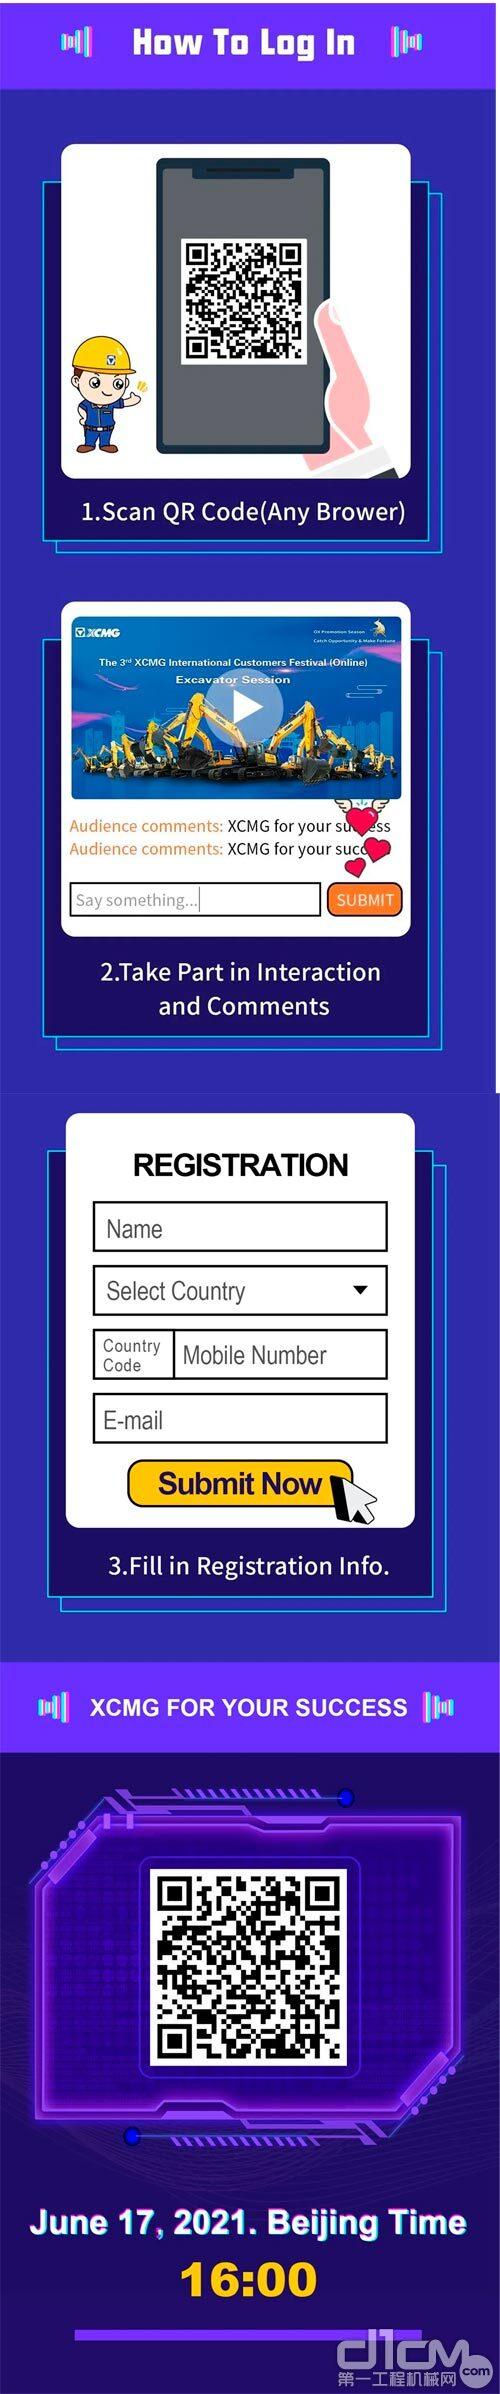 活动注册参与流程